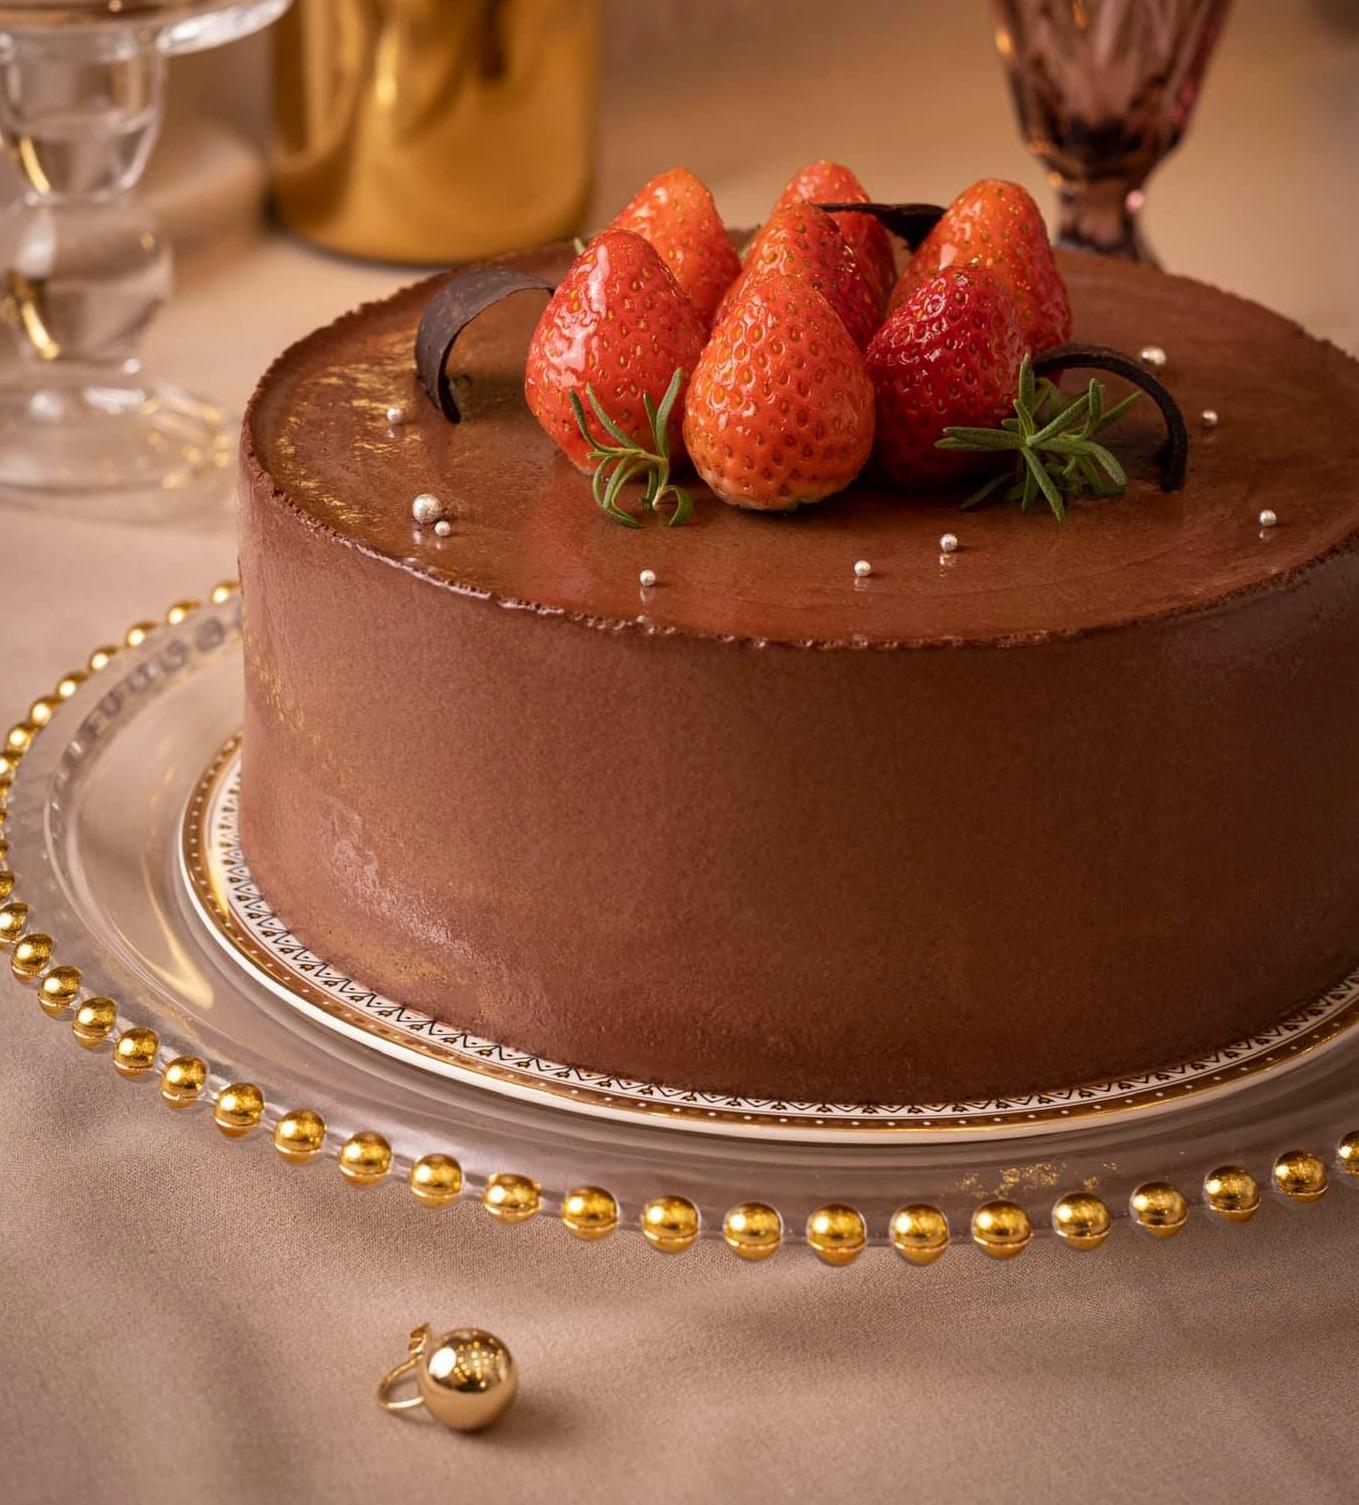 越南平陽美食TOP5甜點|銷魂巧克力布朗尼、療癒優格起司蛋糕、人氣芋圓嫩仙草、甜點系台灣車輪餅